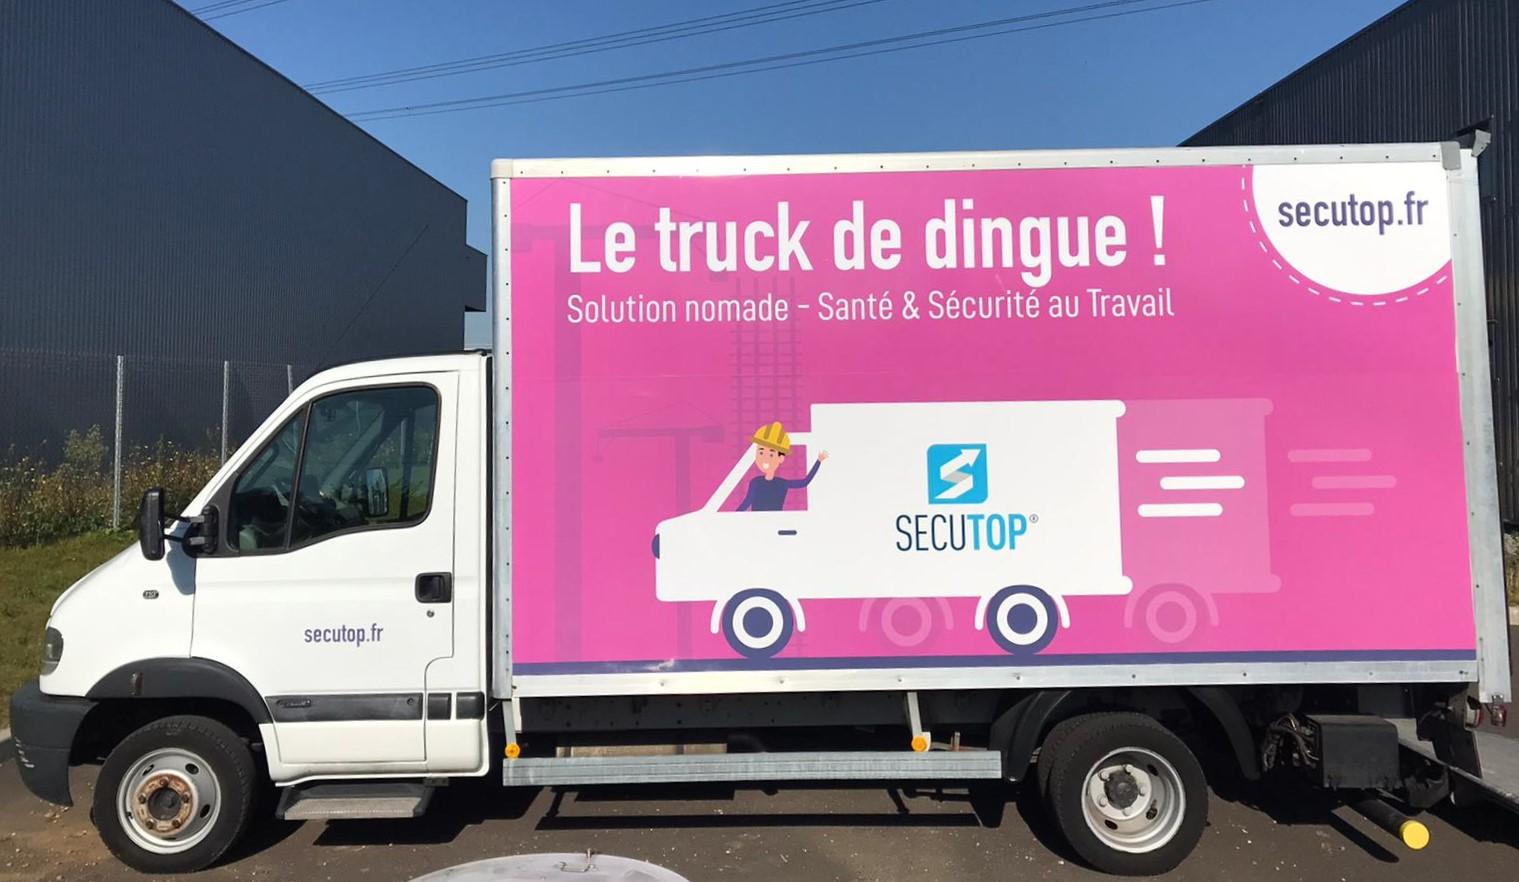 """Photo du secutruck : notre camion santé et sécurité au travail avec comme slogan \""""Le truck de dingue !\"""""""